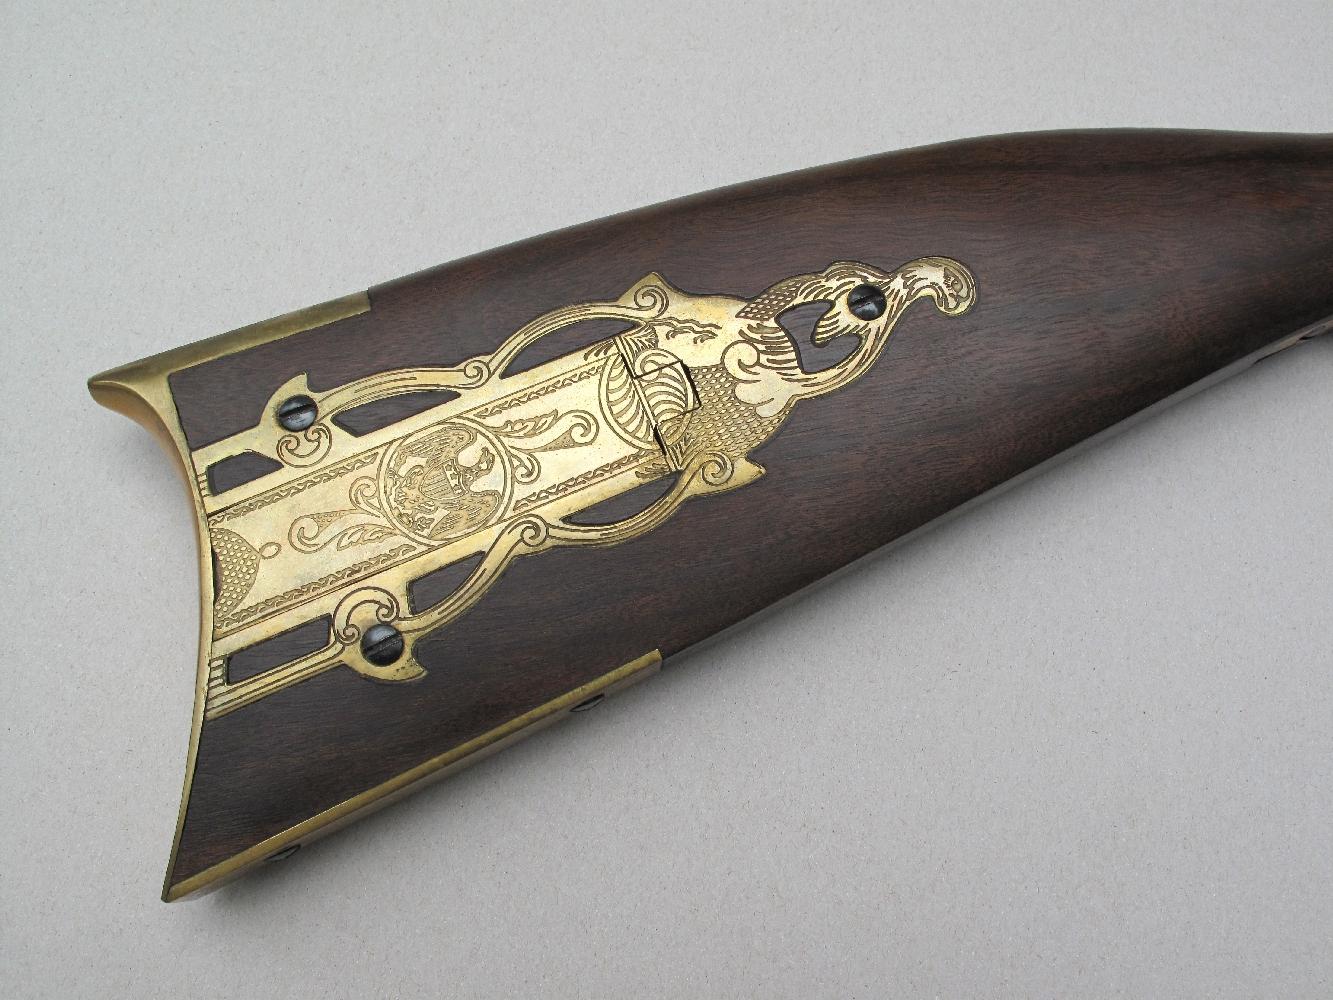 La crosse, en noyer moiré, est décorée d'un superbe « Patchbox » (boîte à calepins) en laiton, muni d'un couvercle à charnière et gravé de motifs décoratifs comprenant l'aigle américain.